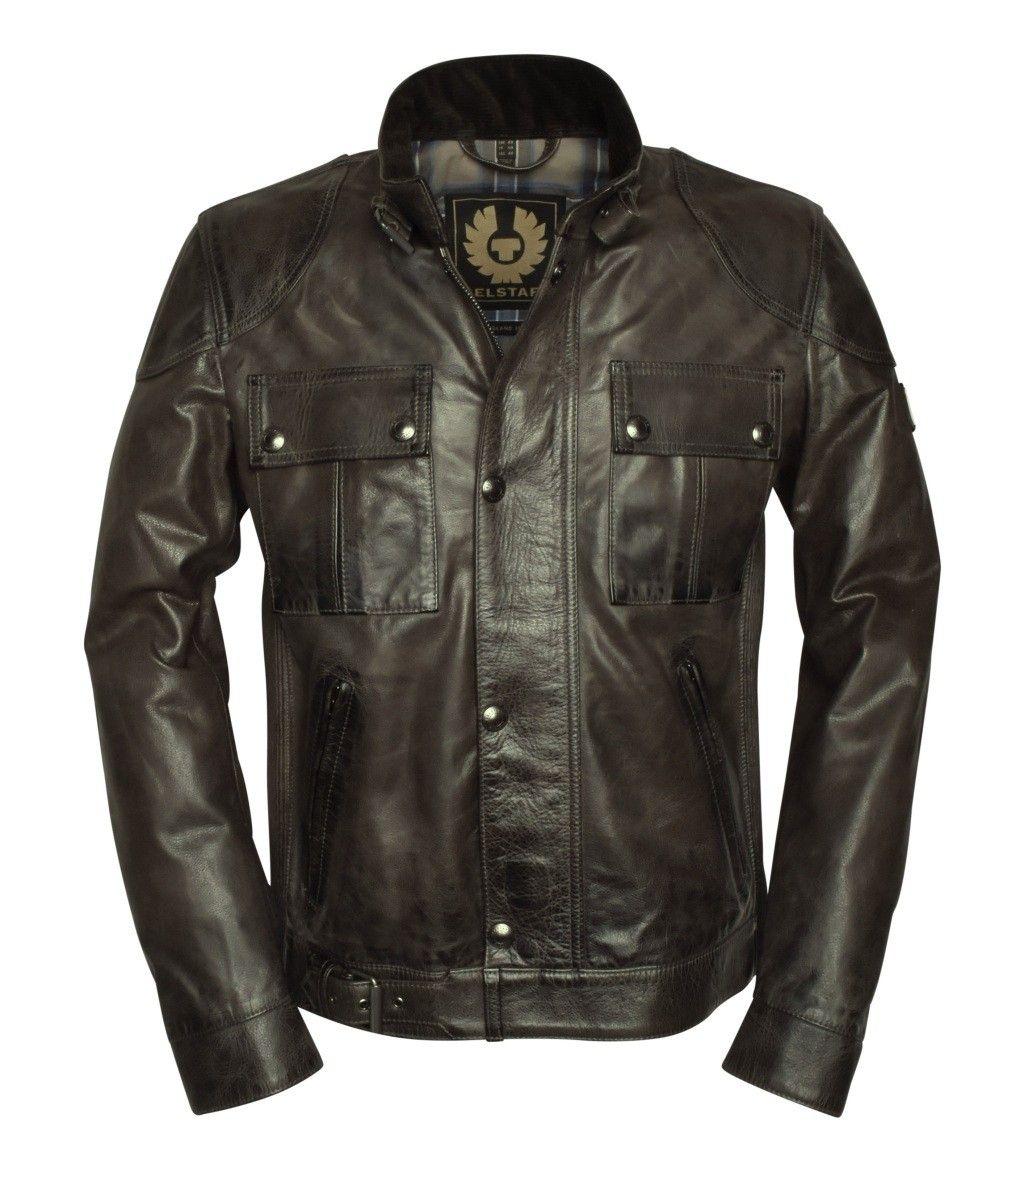 BELSTAFF - Herren Lederjacke - Gangster 2.0 Jacket - Sage Green